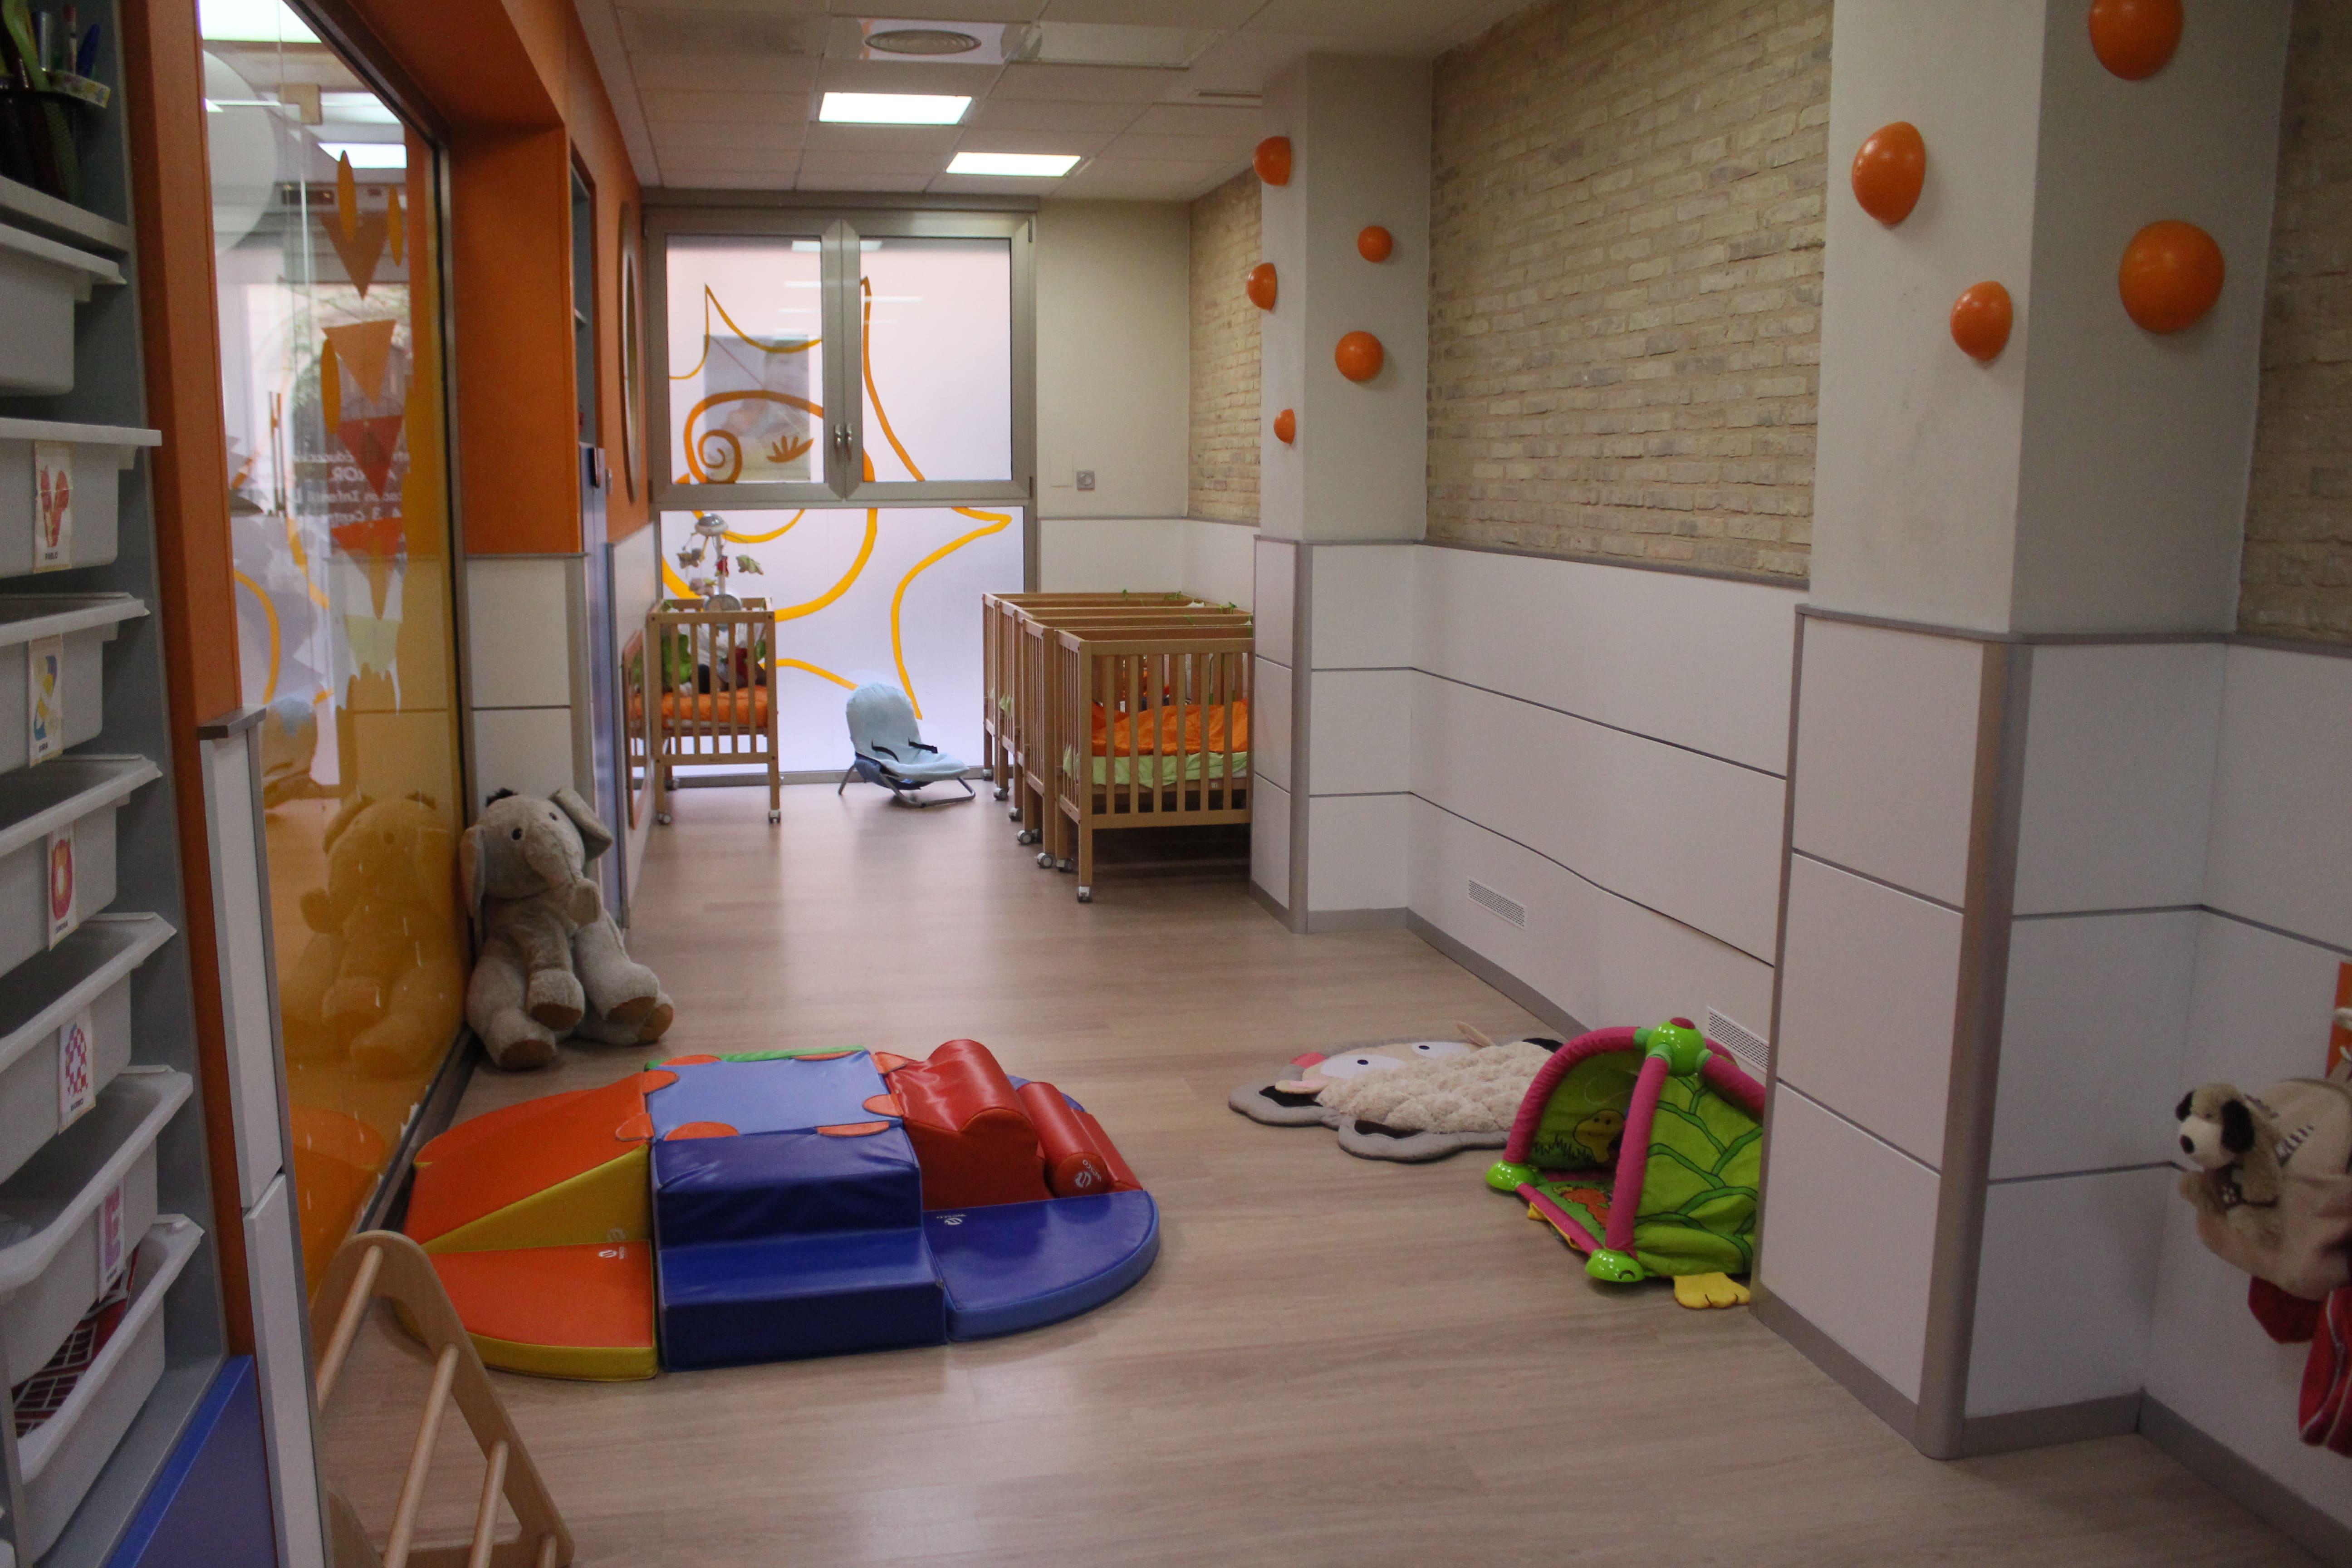 escuela infantil bilingüe en Valencia - pasillo en blanco